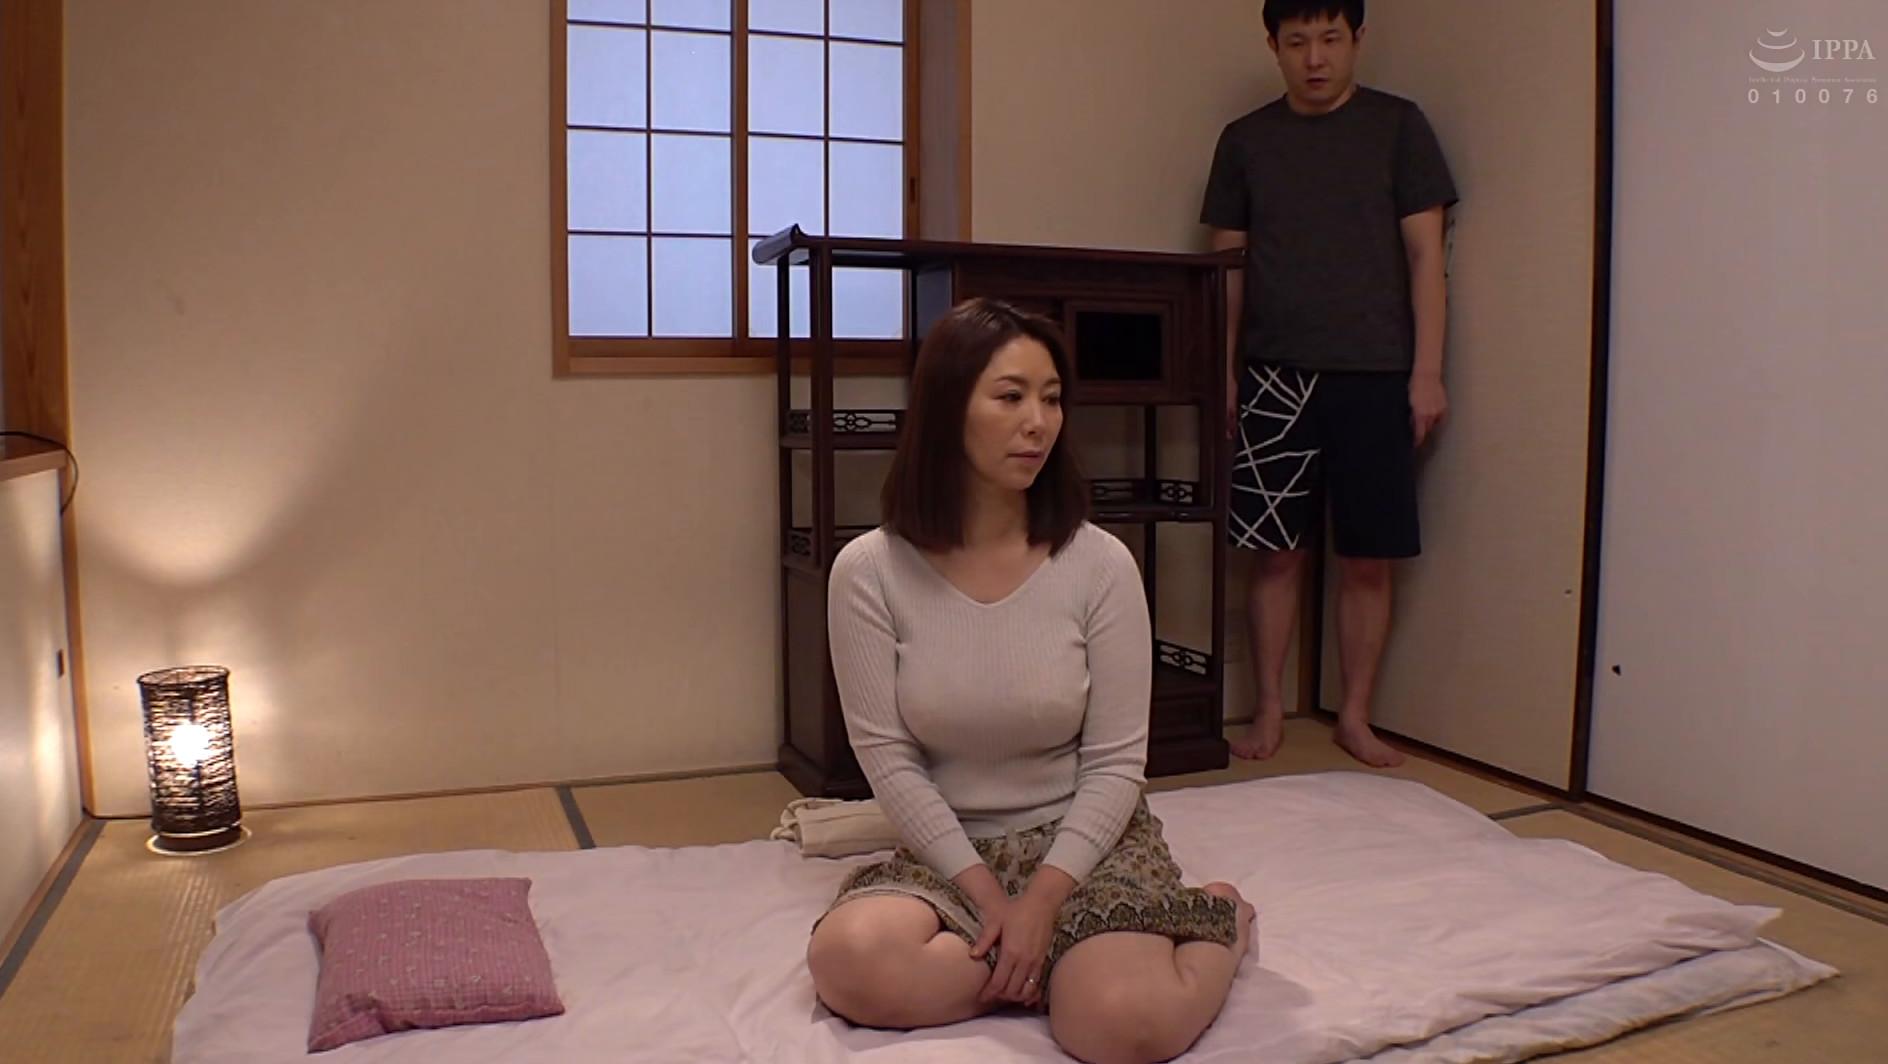 あの時、お義母さんに誘われて・・・ 翔田千里,のサンプル画像23